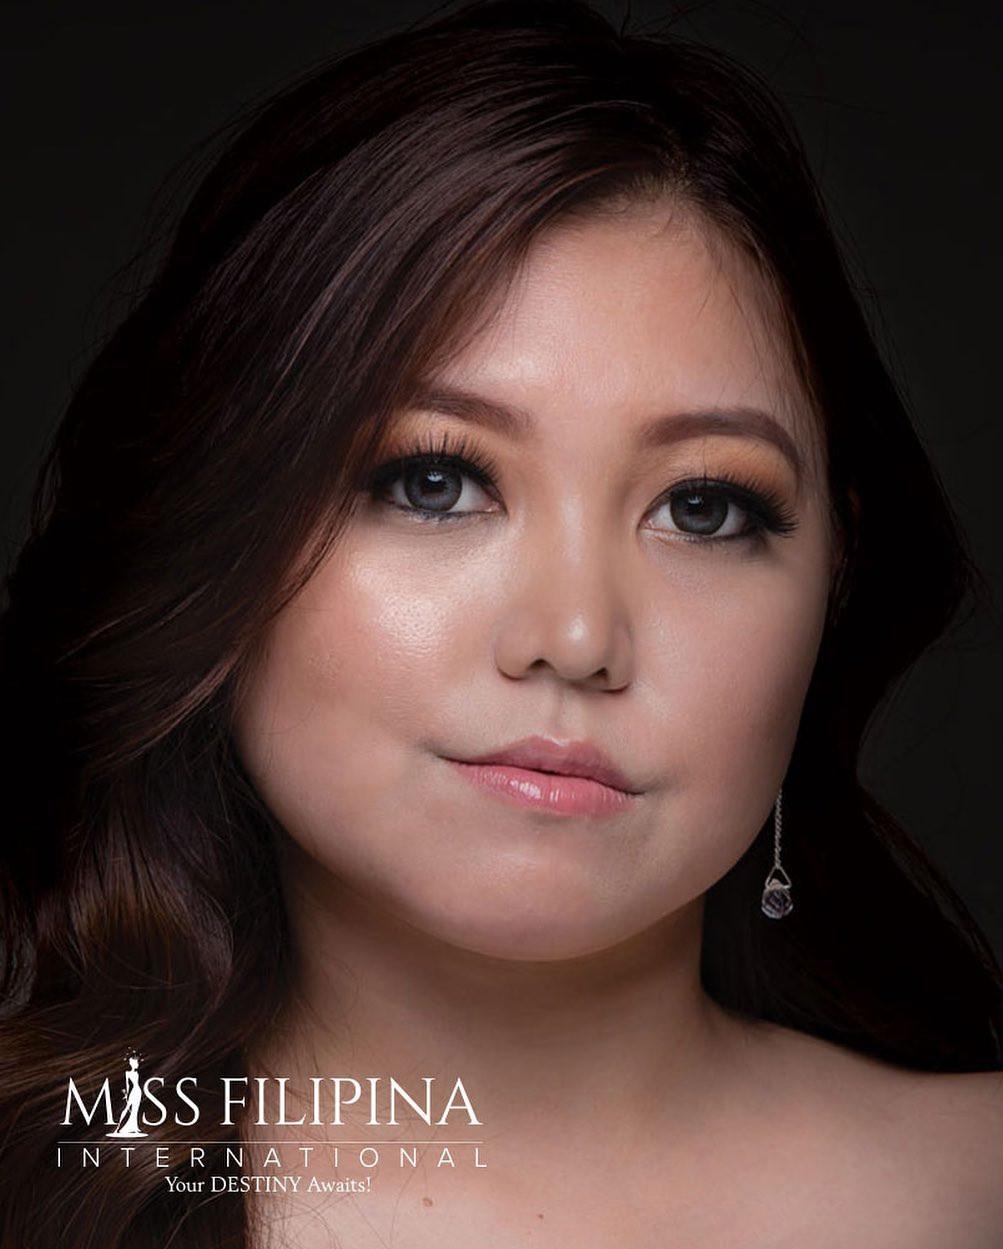 candidatas a miss filipina international 2021. final: 31 july. A5dE0J